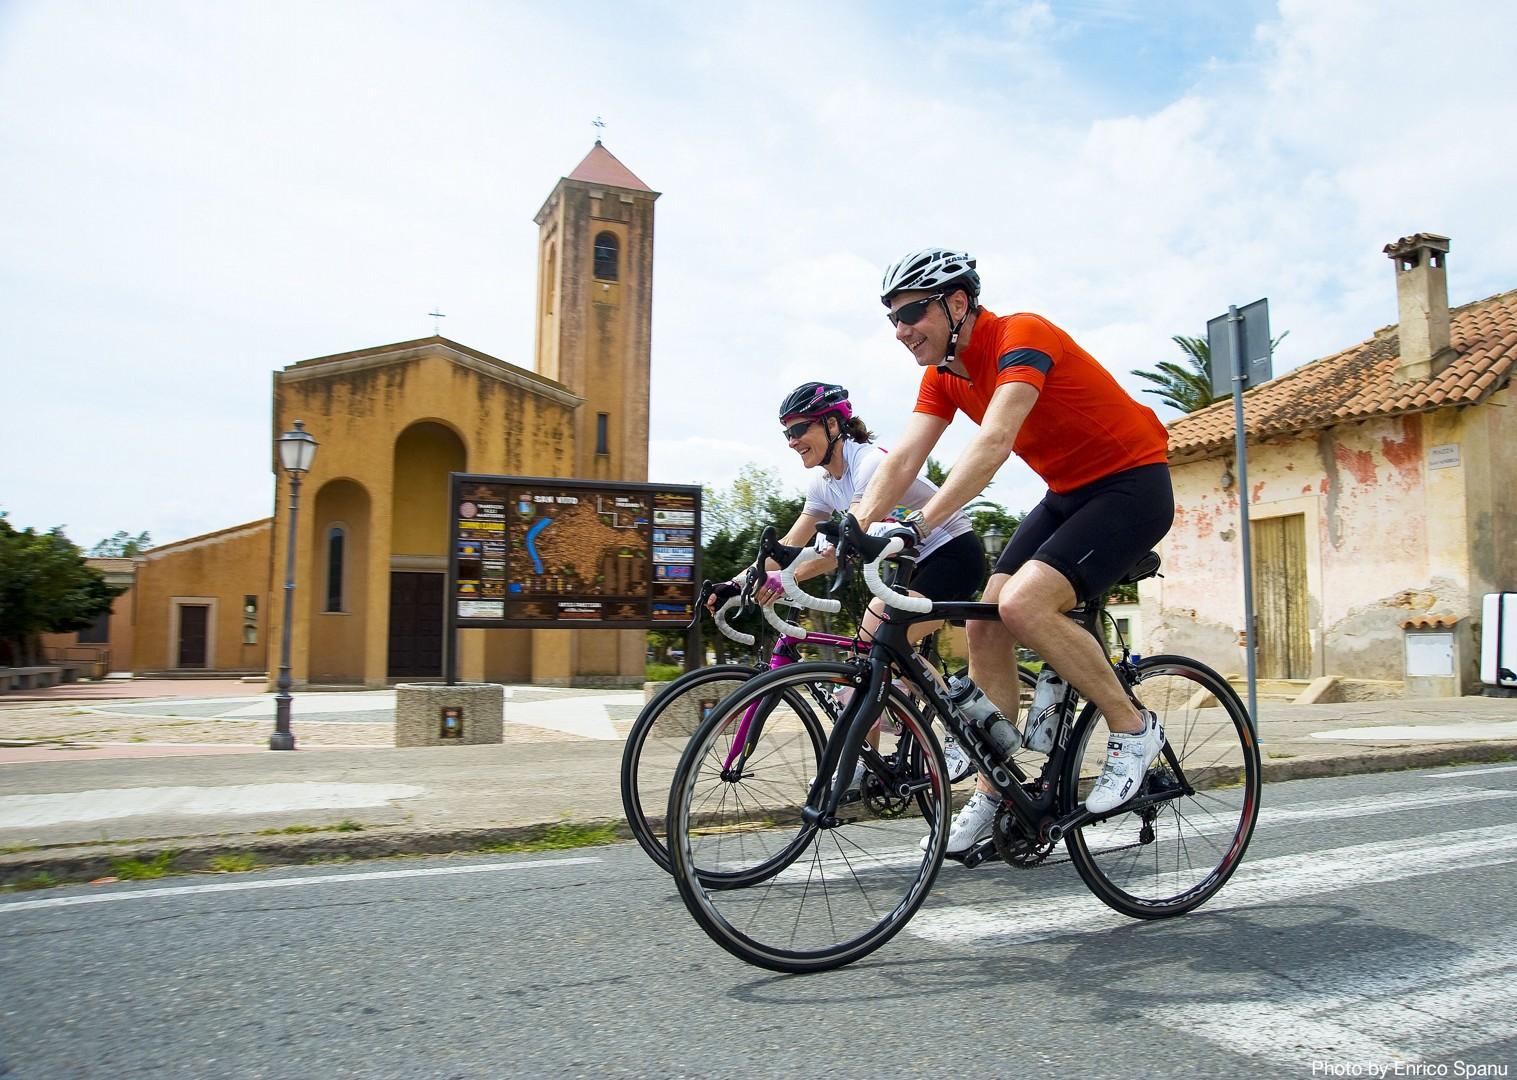 Sardinia-Sardinian-Mountains-Guided-Road-Cycling-Holiday.jpg - Italy - Sardinia - Sardinian Mountains - Guided Road Cycling Holiday - Road Cycling